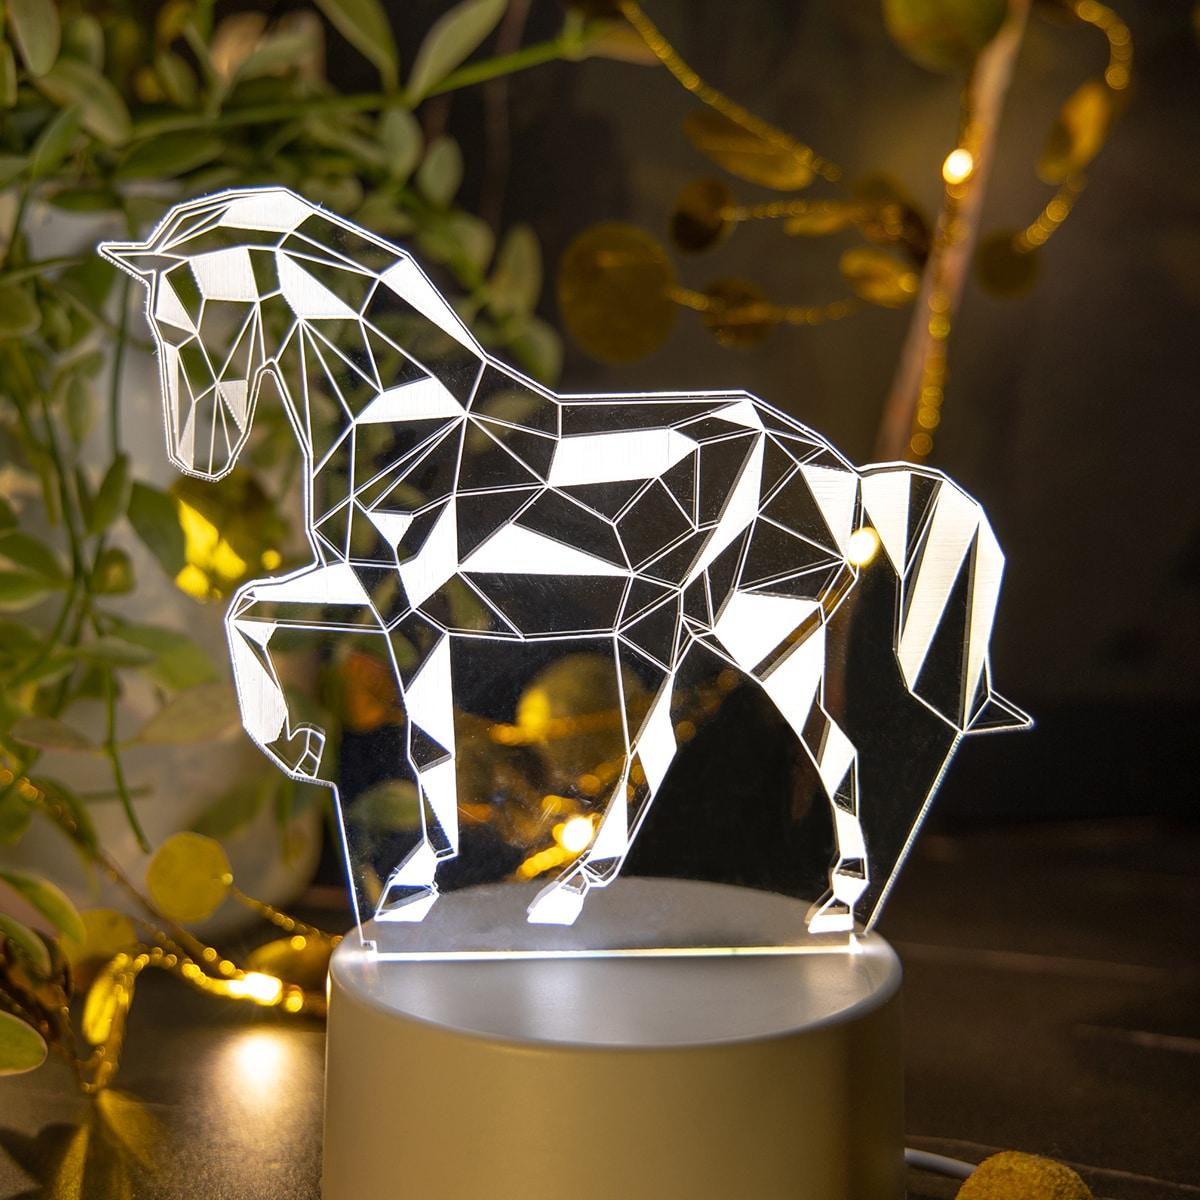 1 Stück 3 Farben veränderbares 3D-Nachtlicht mit Pferd Design